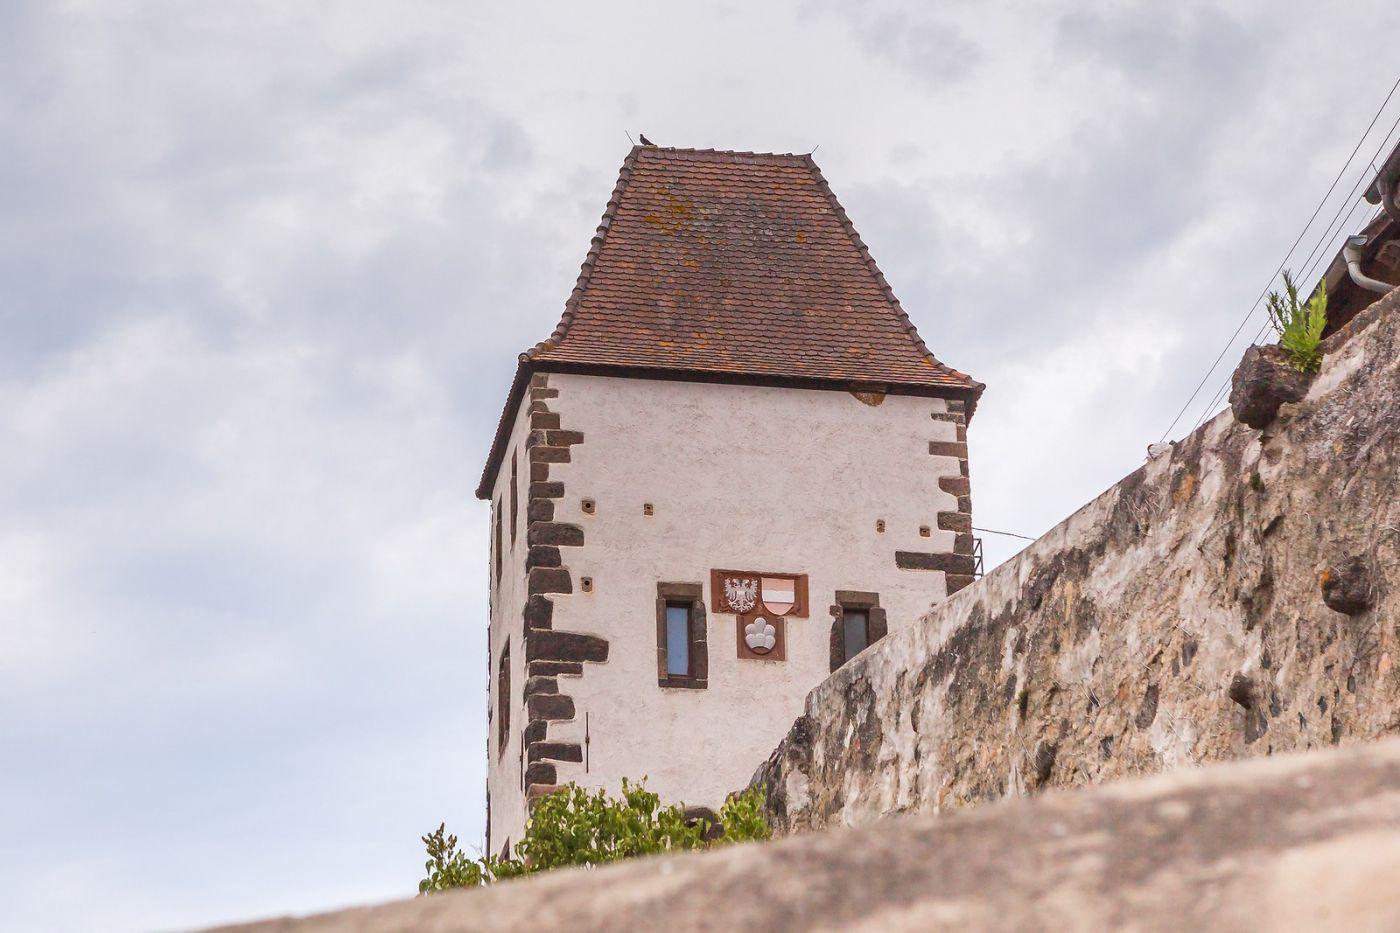 德国布赖萨赫(Breisach),城小历史久_图1-15